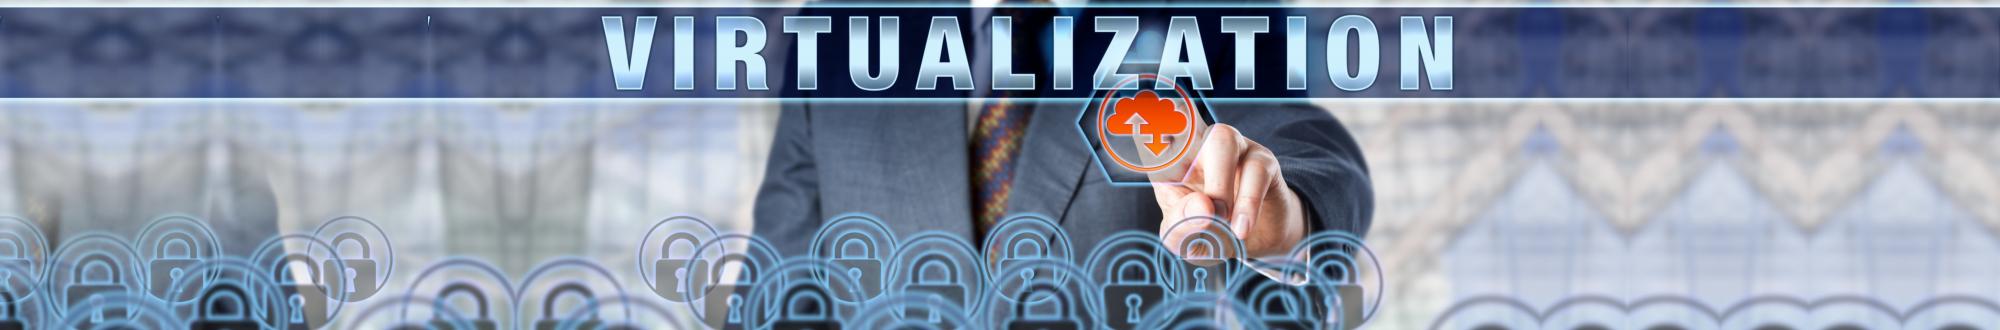 Enterprise Client Touching VIRTUALIZATION